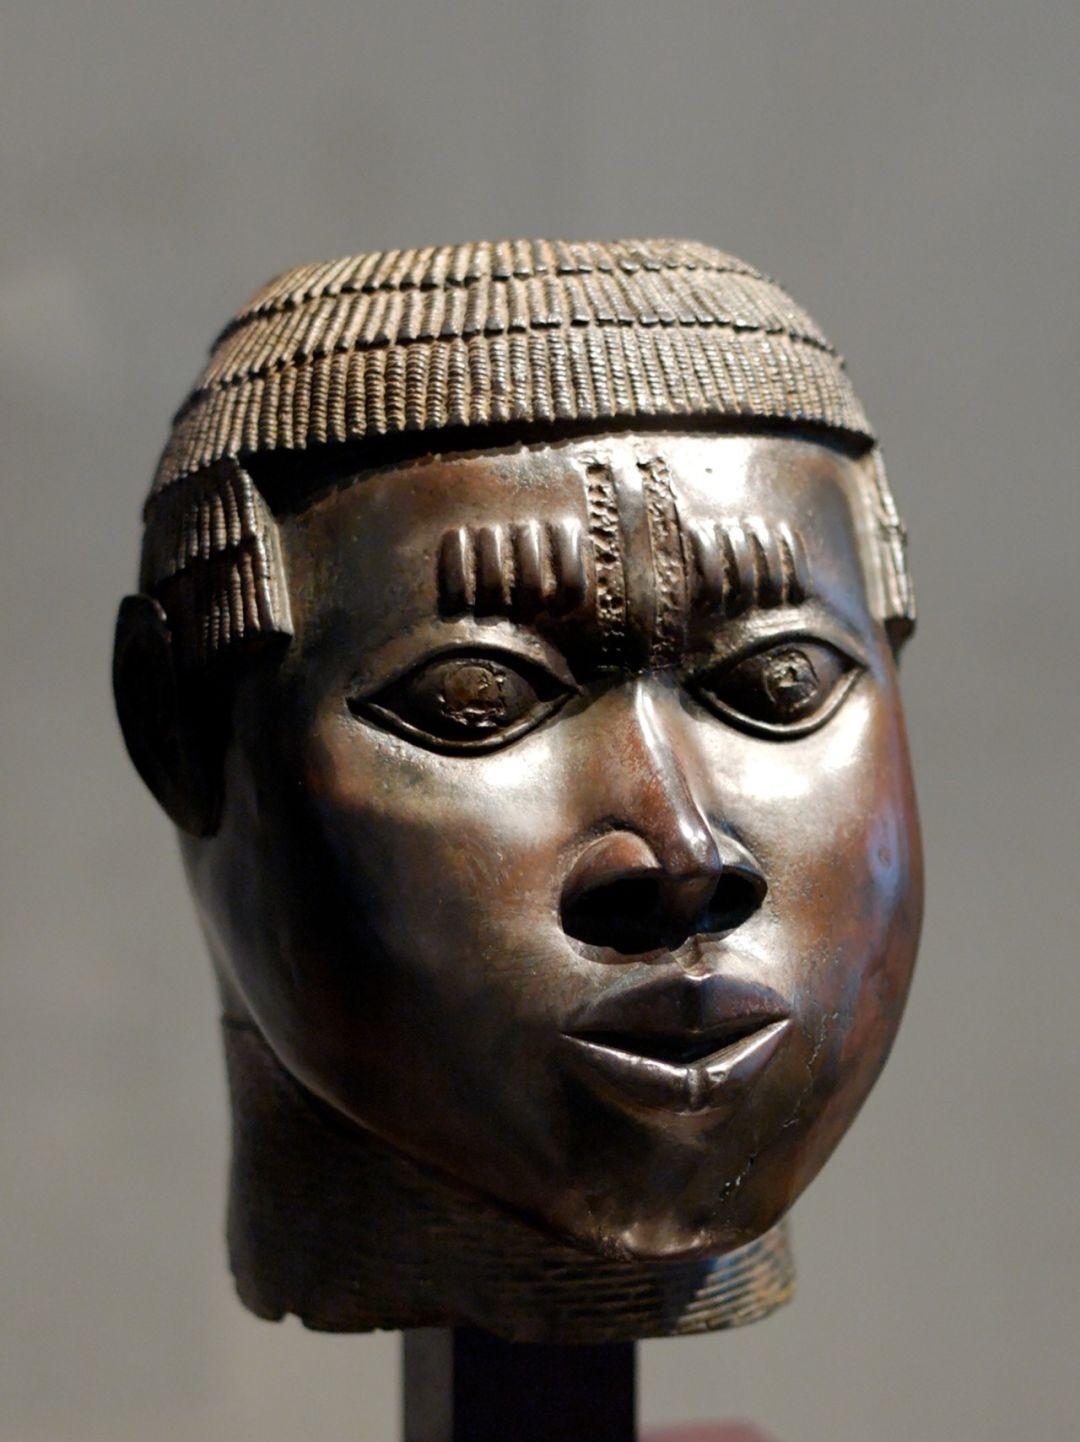 中国文物也快回家了?法计划归还非洲被掠文物